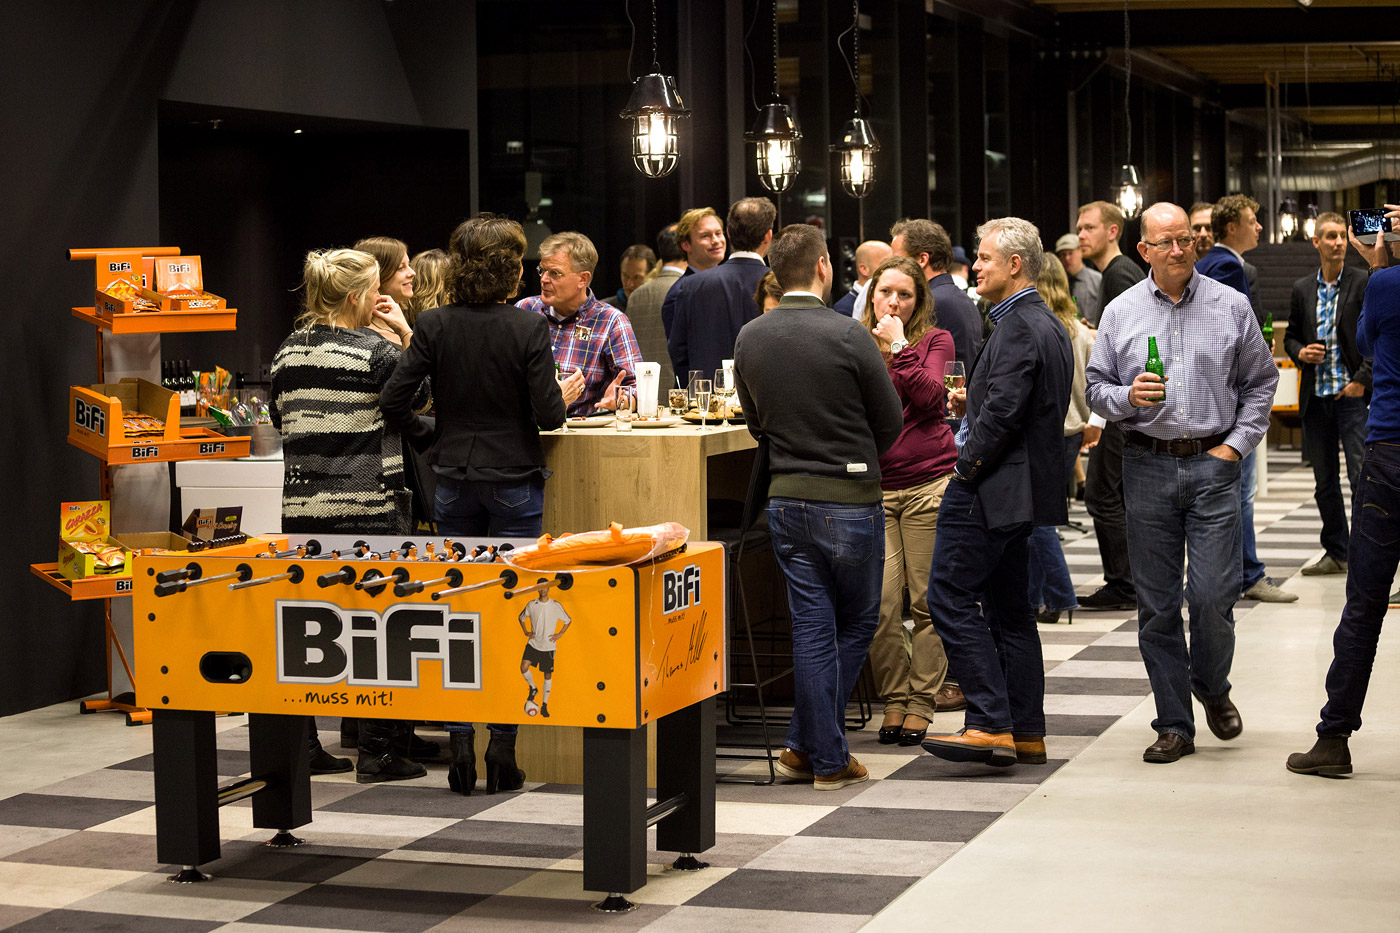 jacklinks-bifi-peperami-amsterdam-feest-party-receptie-hoofdkantoor-opening-Bob-Hersbach